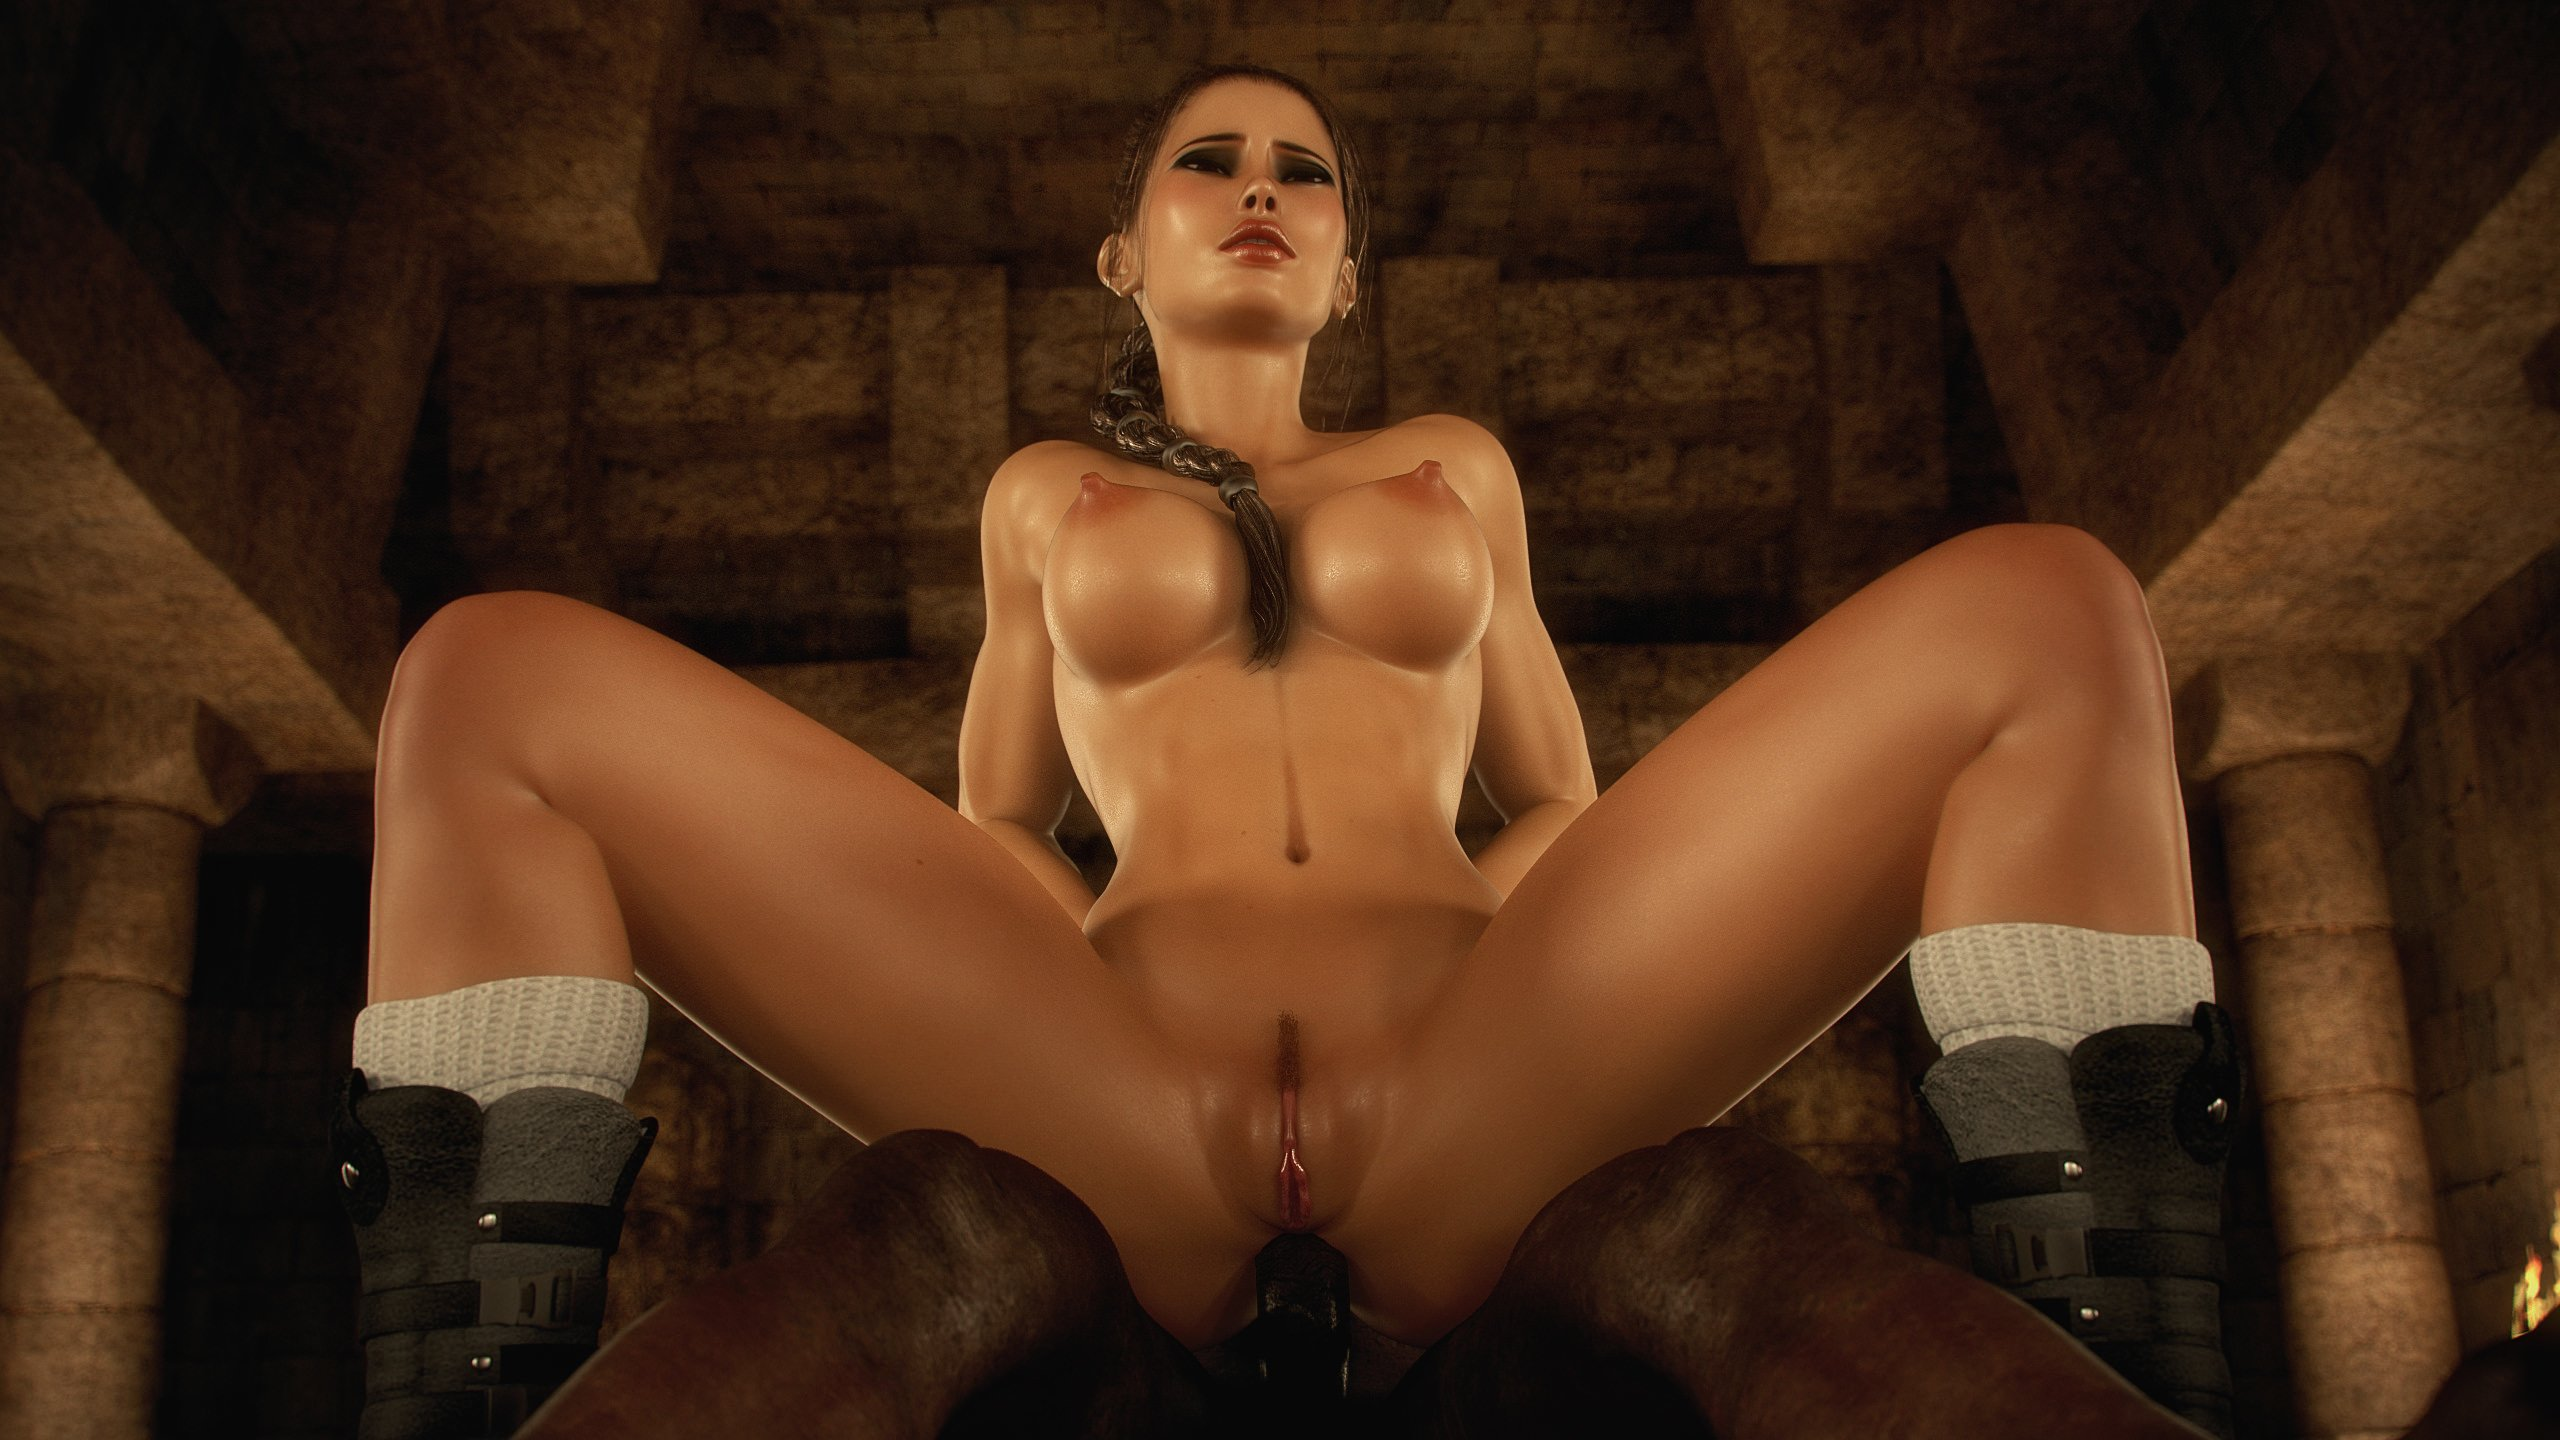 Секс видео лары крофт, русское порно с фруктами